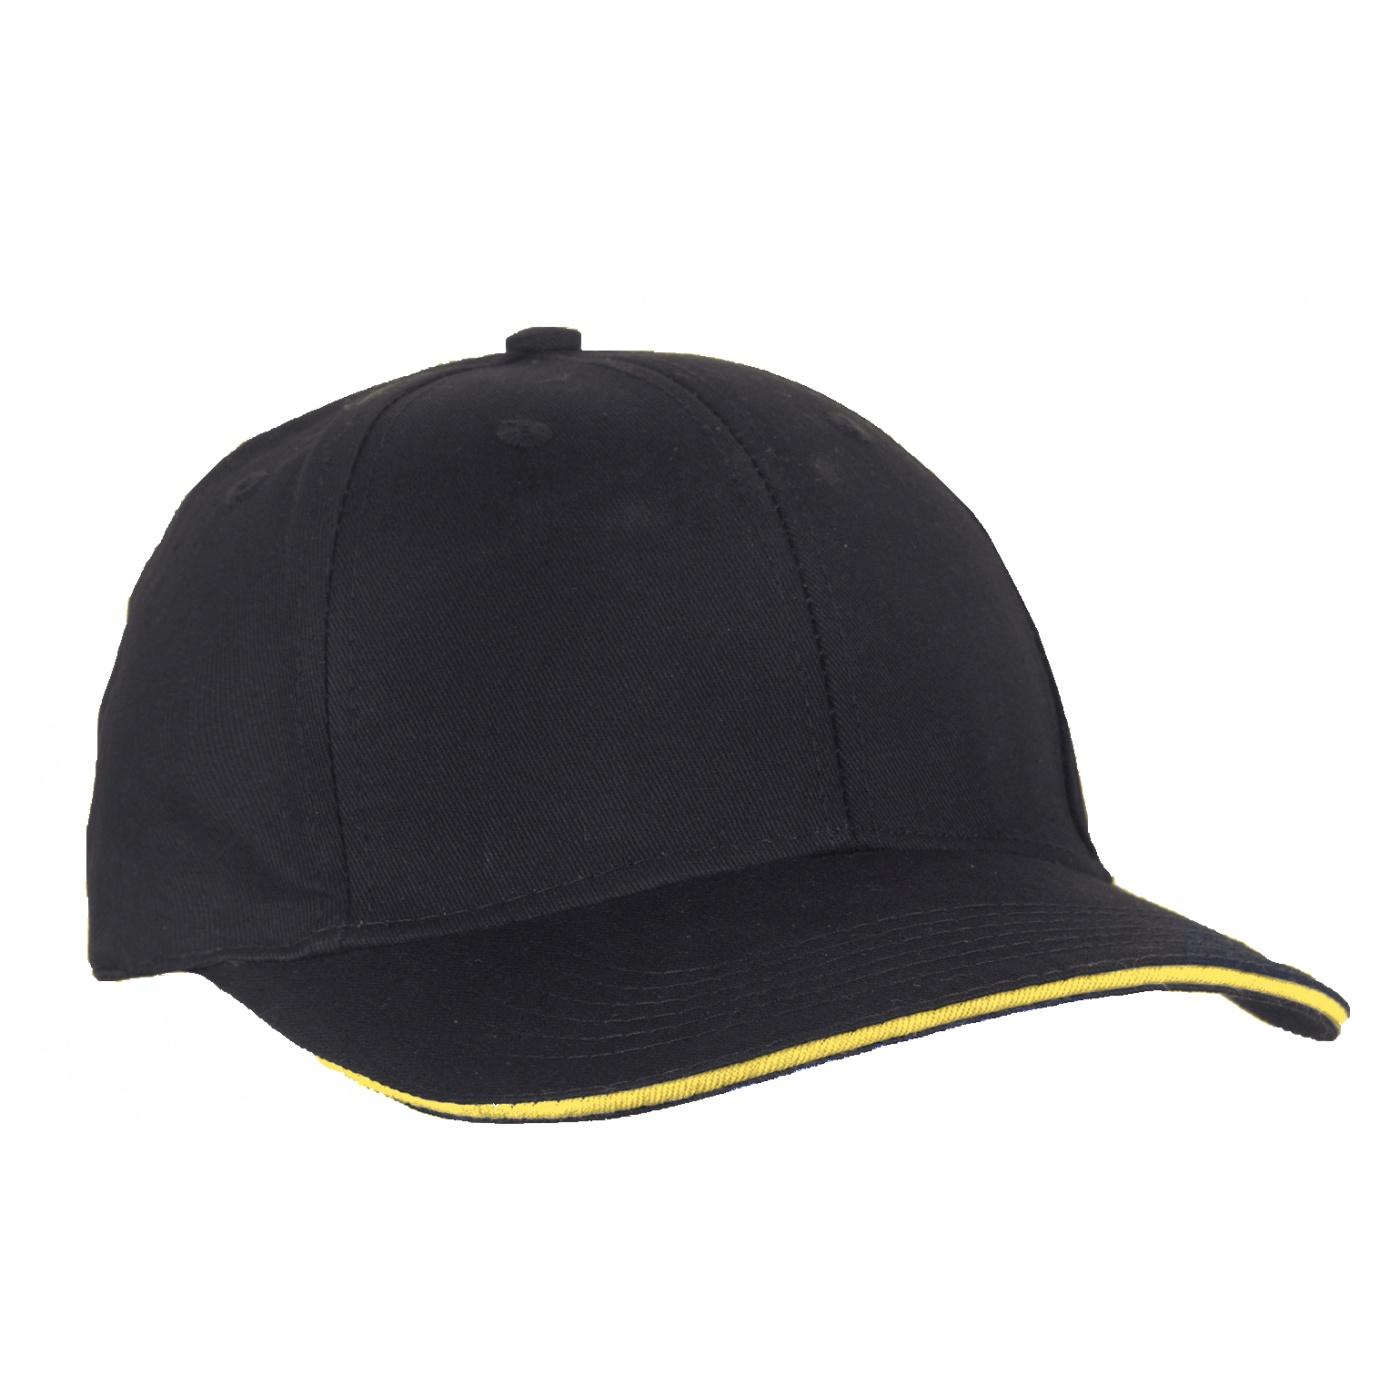 Czapka z daszkiem bejsbolówka – czarna z żółtym akcentem w daszku